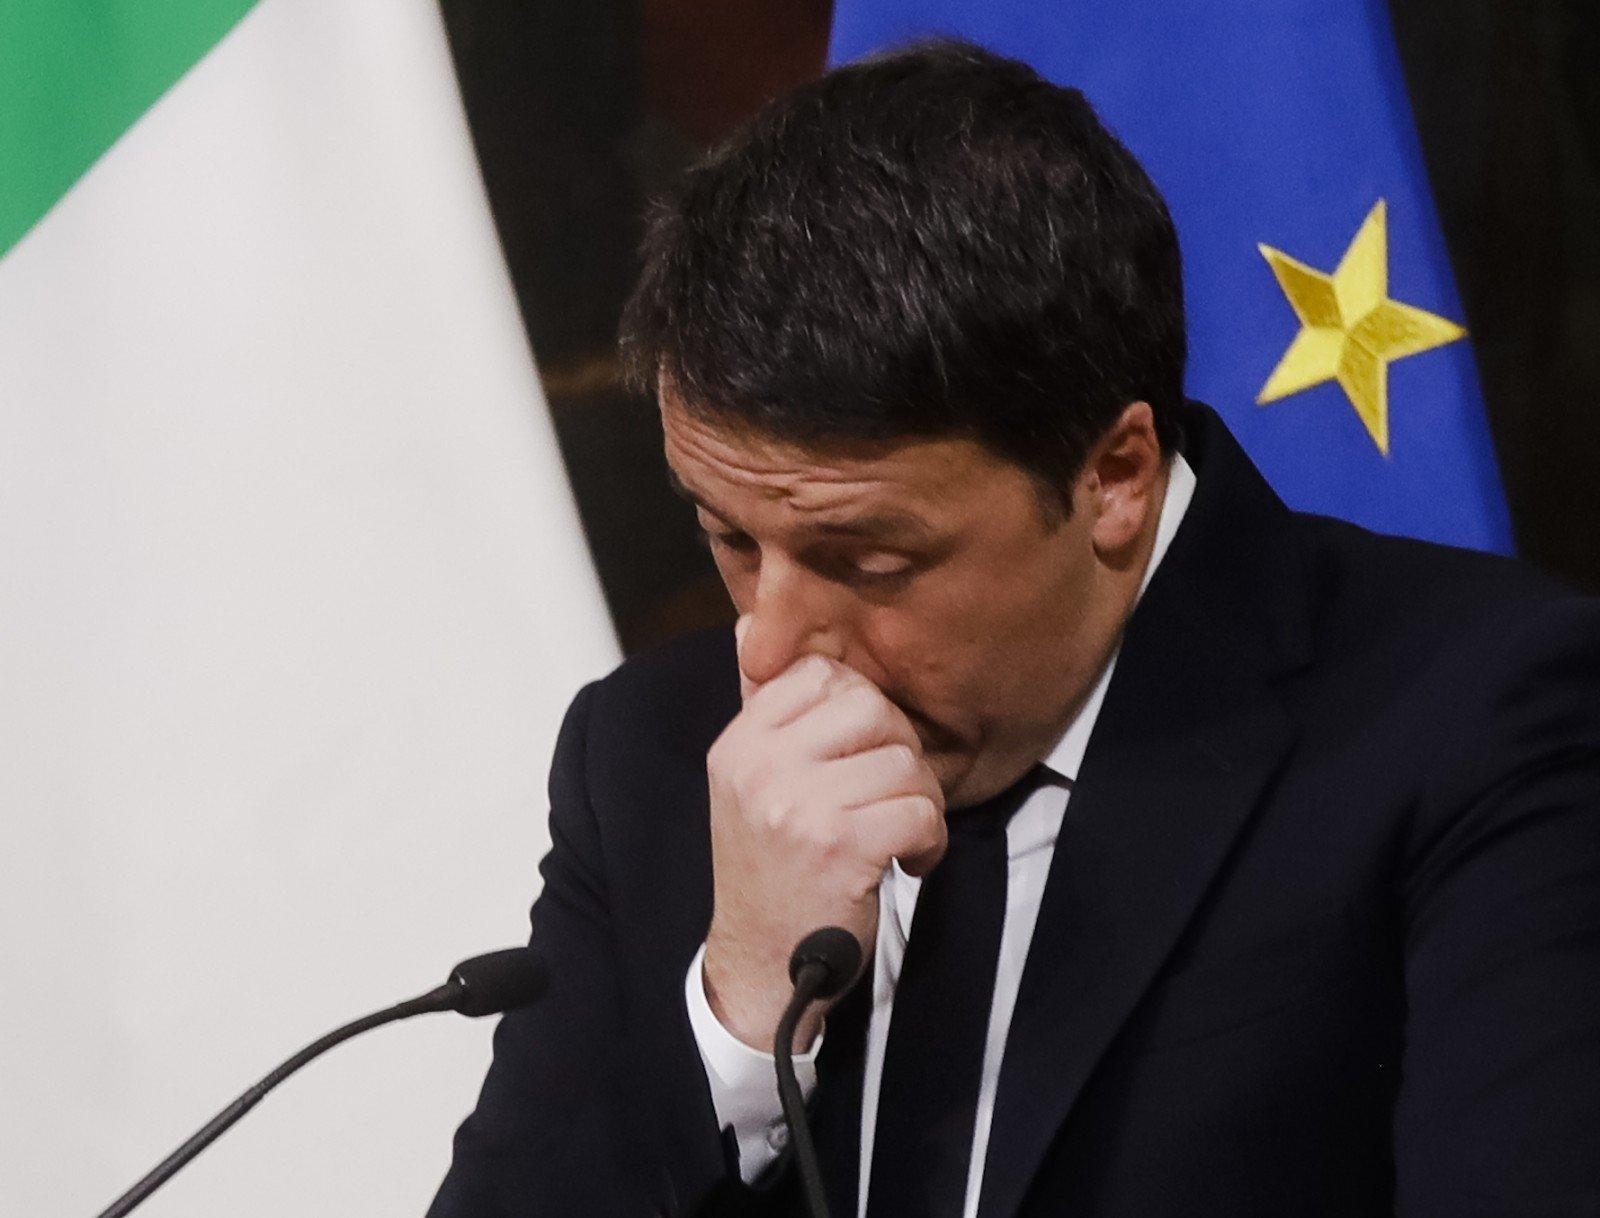 Стало известно огромкой отставке— Референдум вИталии